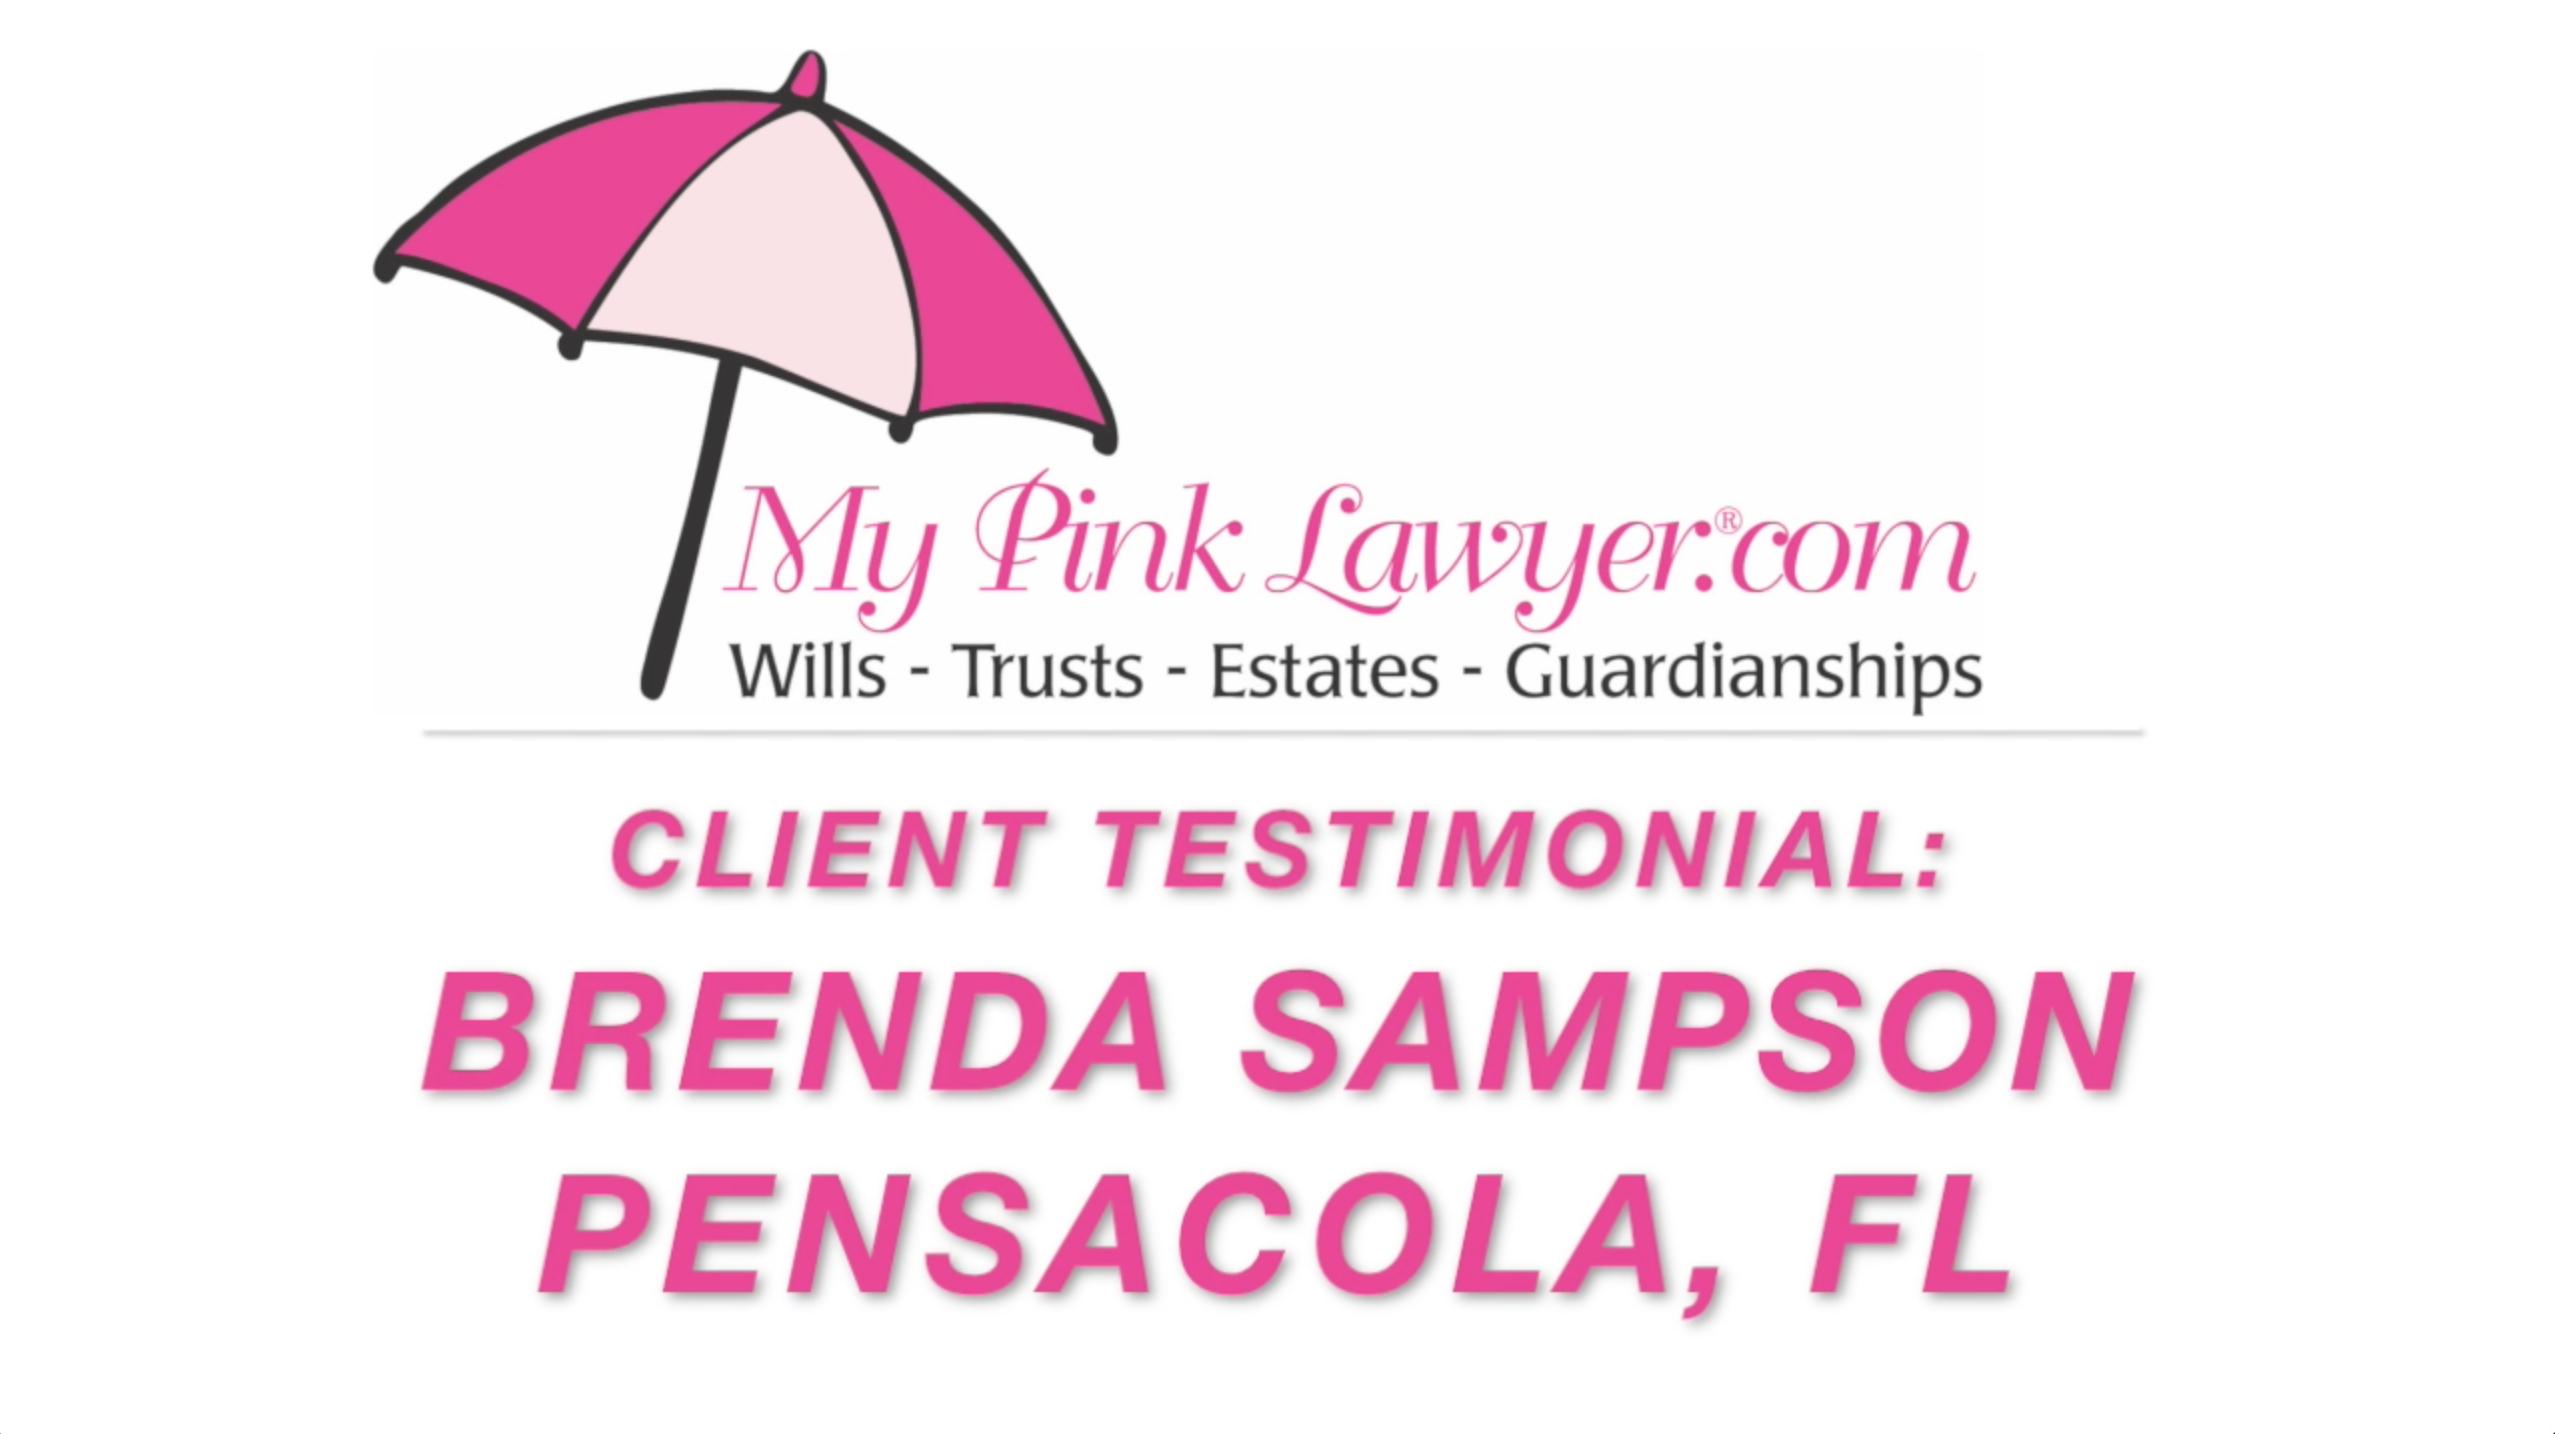 Brenda Sampson, Pensacola